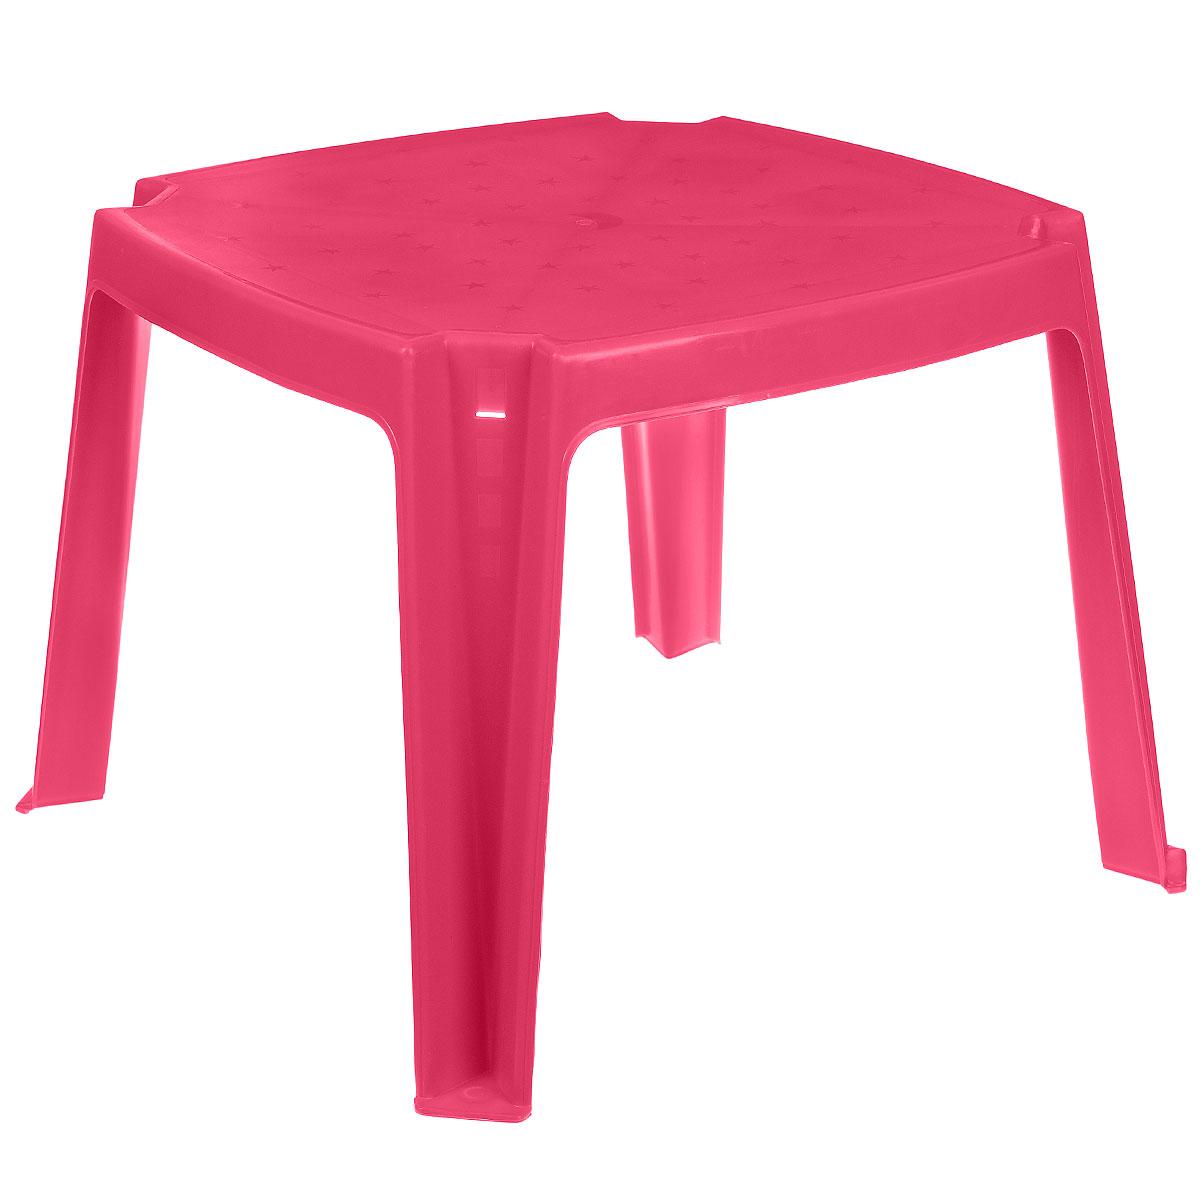 """Стол детский """"PalPlay"""", с карманами, цвет: розовый, 53 см х 53 см 364_розовый"""